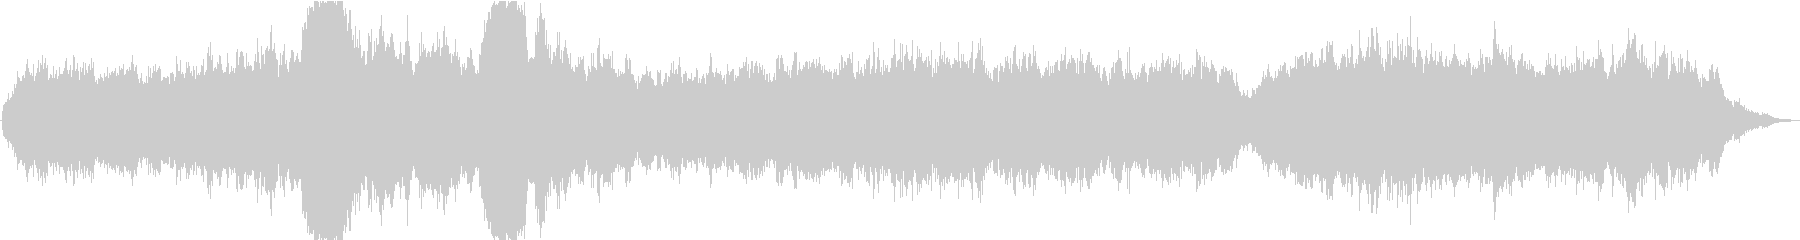 ドローン コンプレックスドローン01の未再生の波形